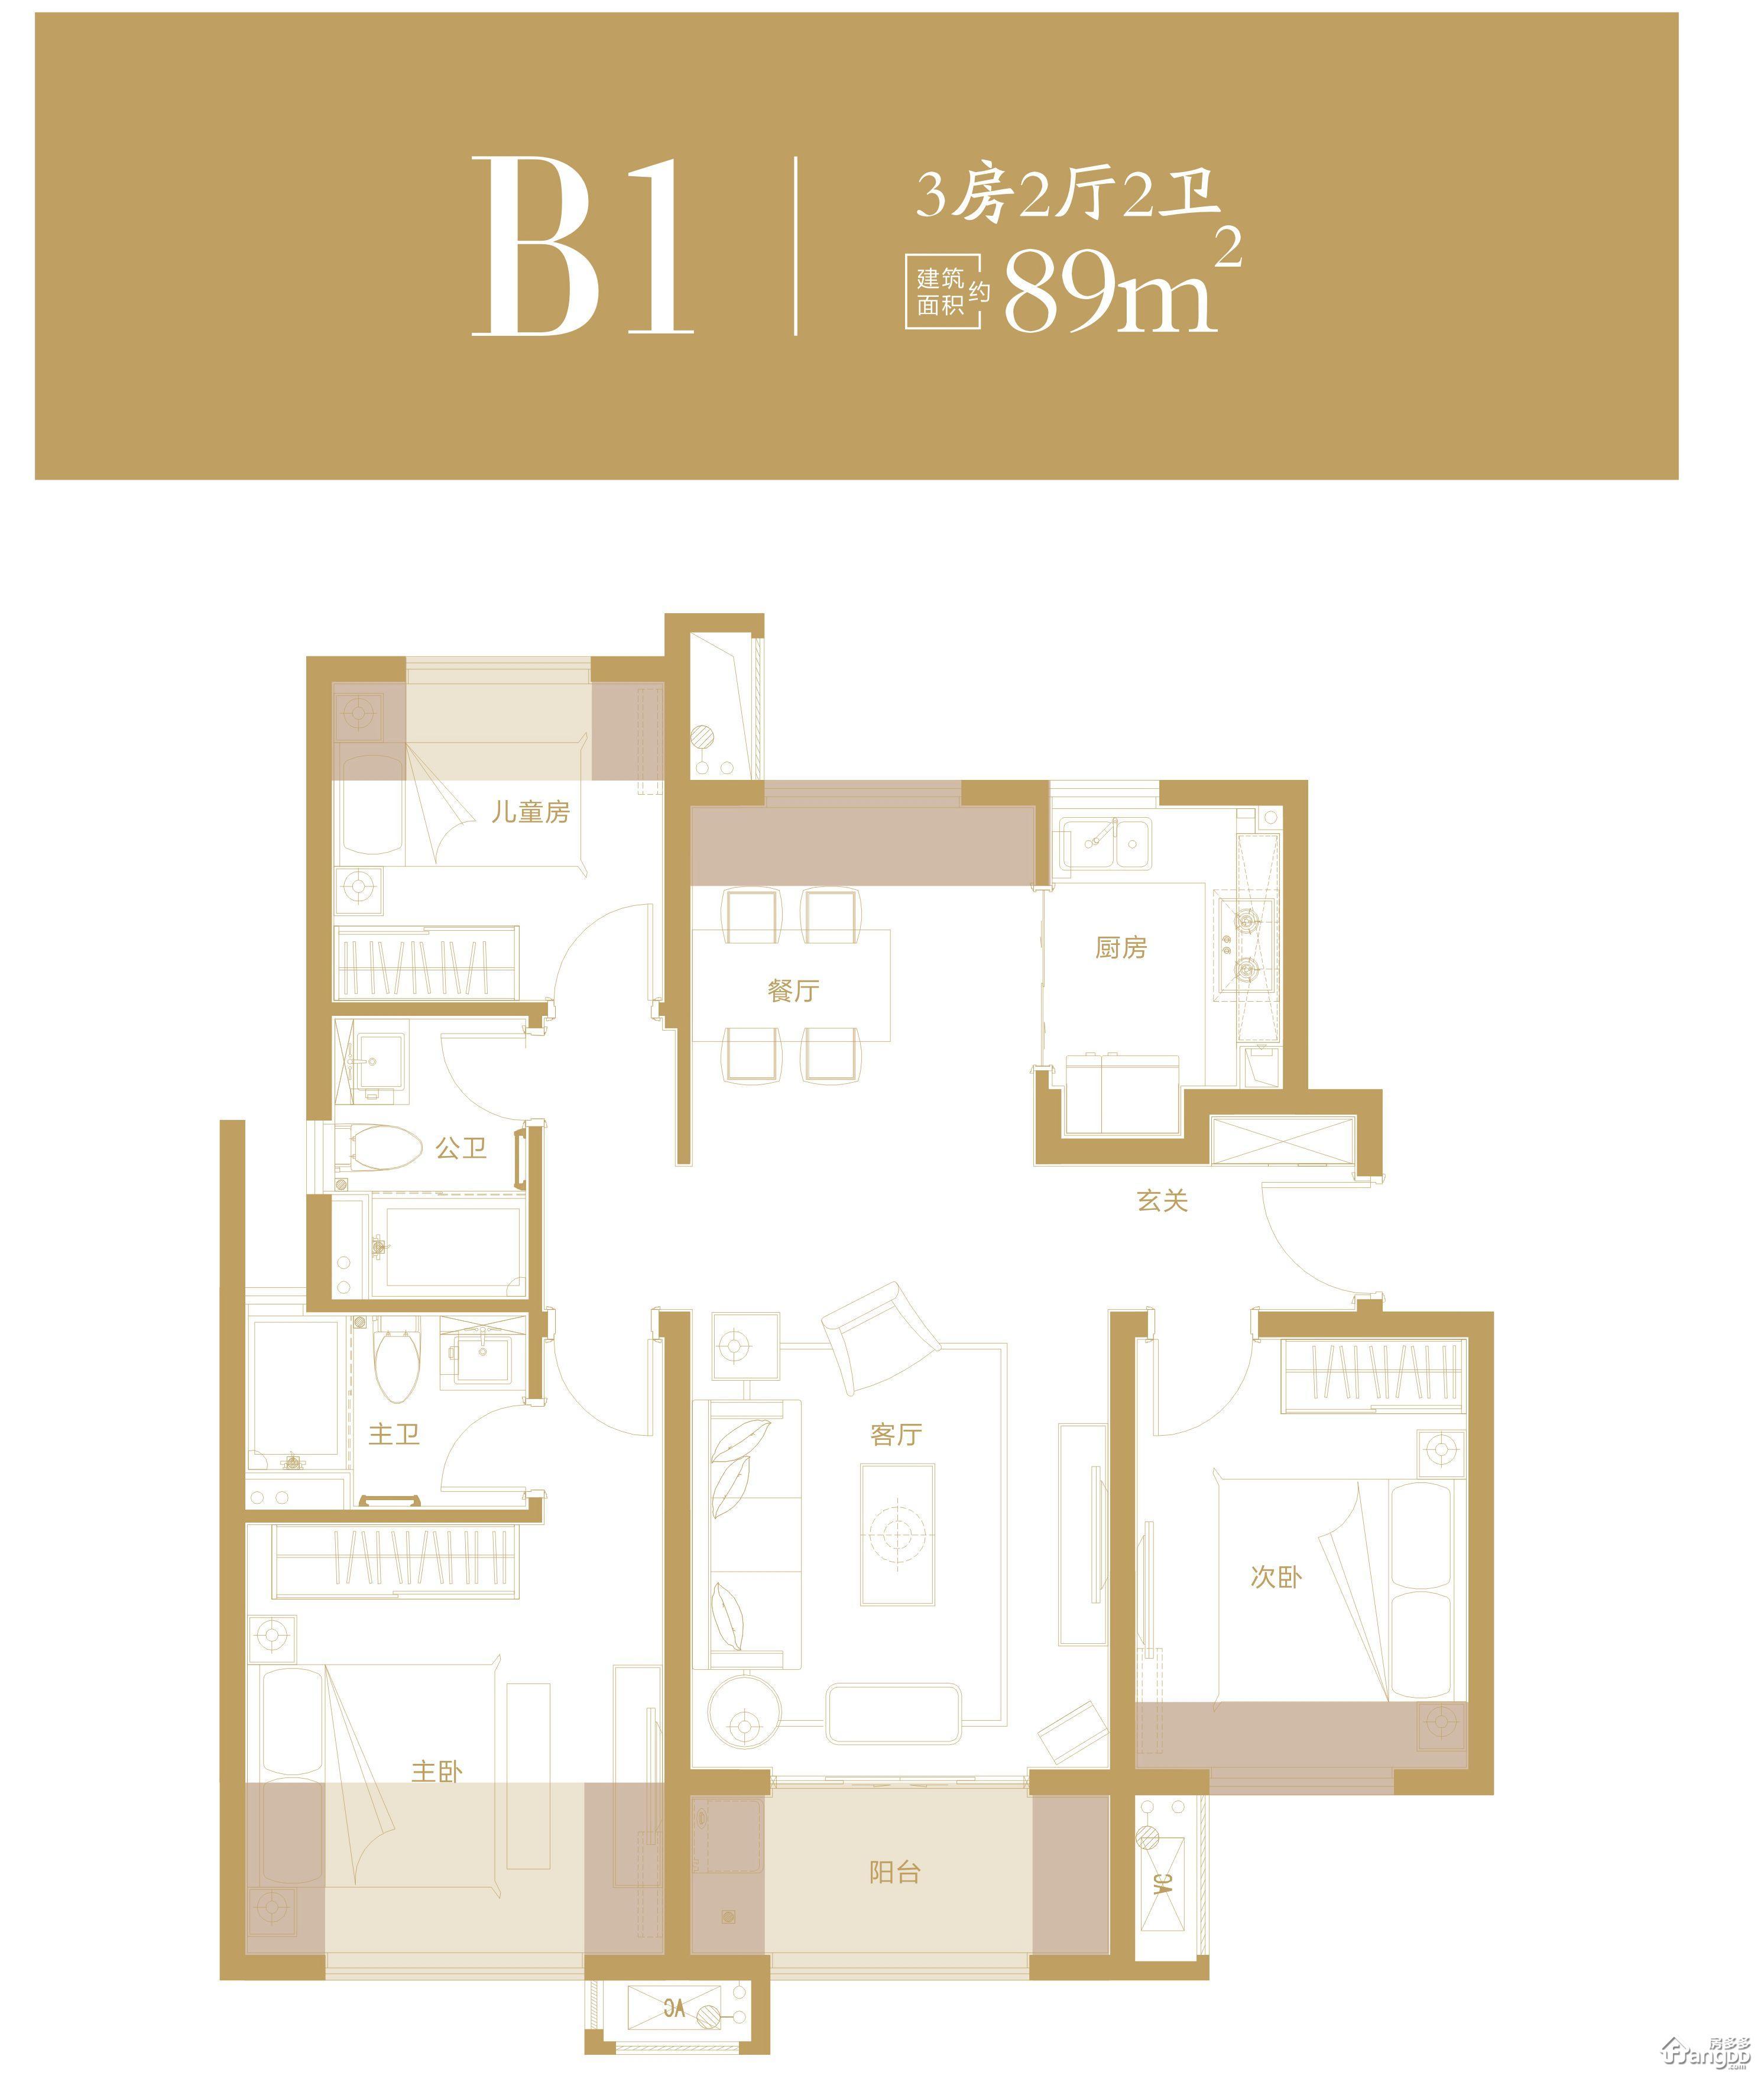 中海凤凰熙岸3室2厅2卫户型图